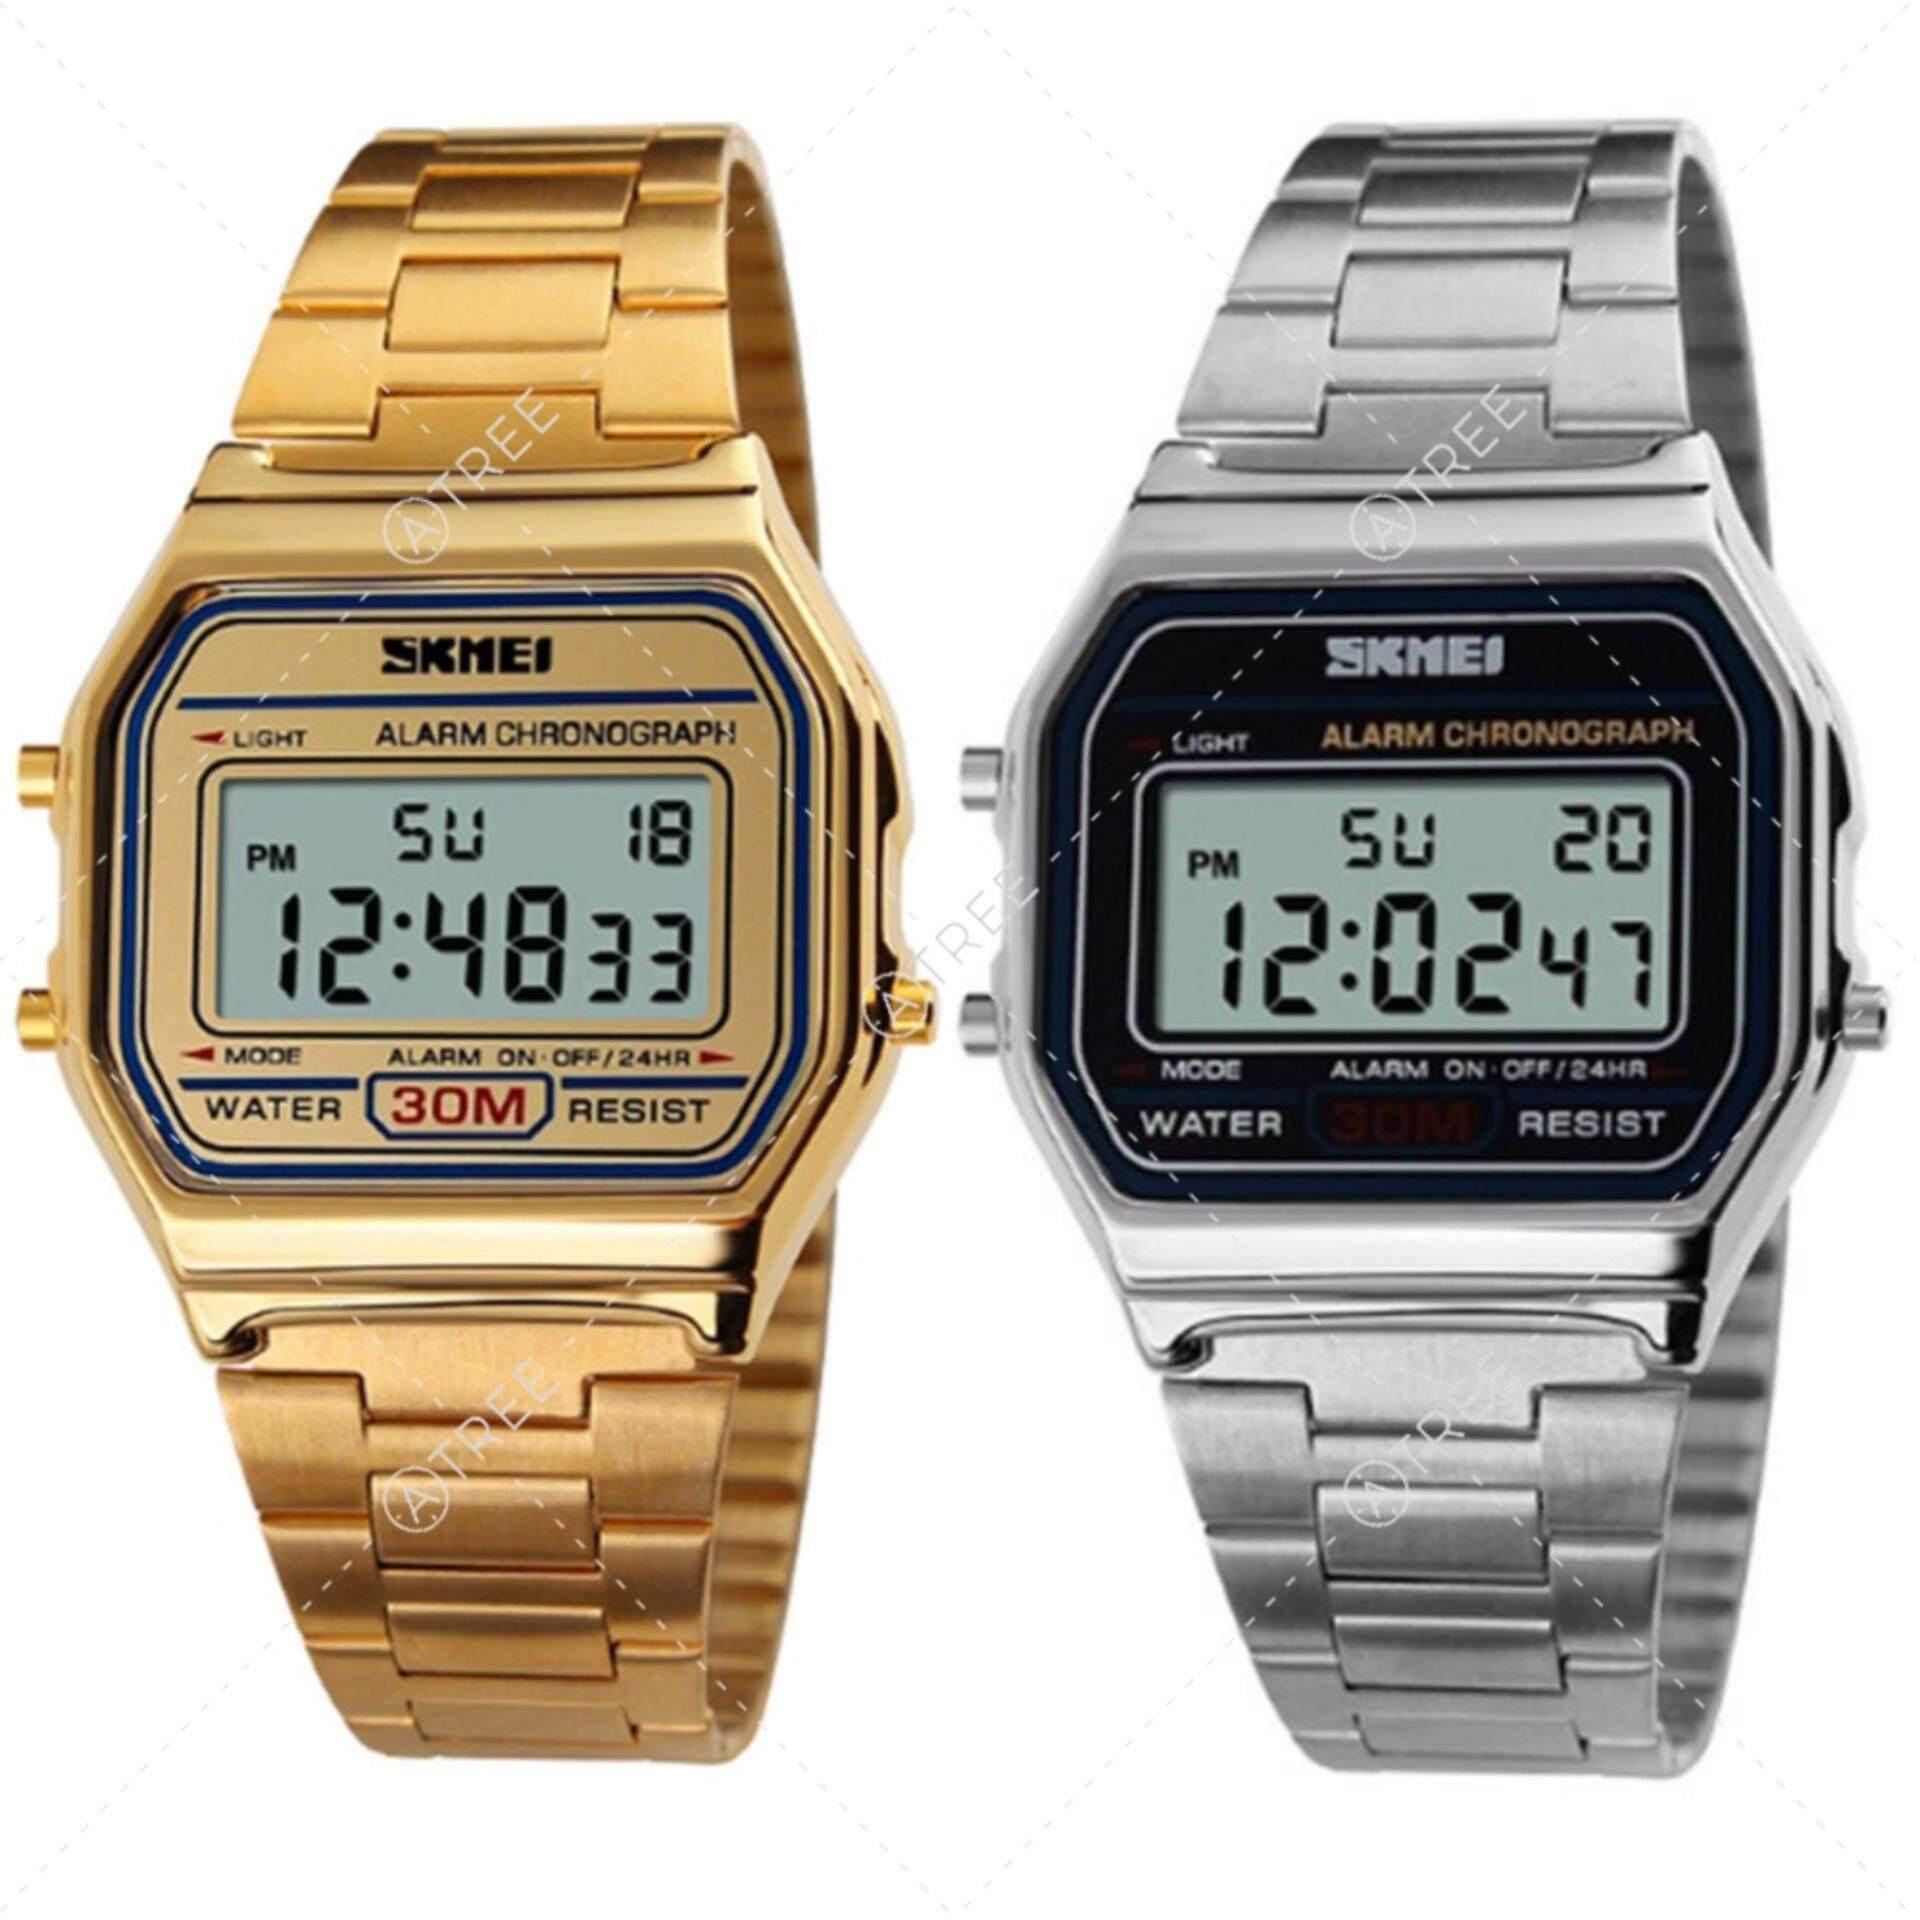 ขาย Skmei ของแท้ 100 ส่งในไทยไวแน่นอน แพ็คคู่ นาฬิกาข้อมือผู้หญิง สไตล์ Casual Bussiness Watch ซื้อ 1 แถม 1 จับเวลา ตั้งปลุกได้ ไฟ Led ส่องสว่าง สายแสตนเลสสีทอง รุ่น Sk M1123 สีทอง สีเงิน ใหม่